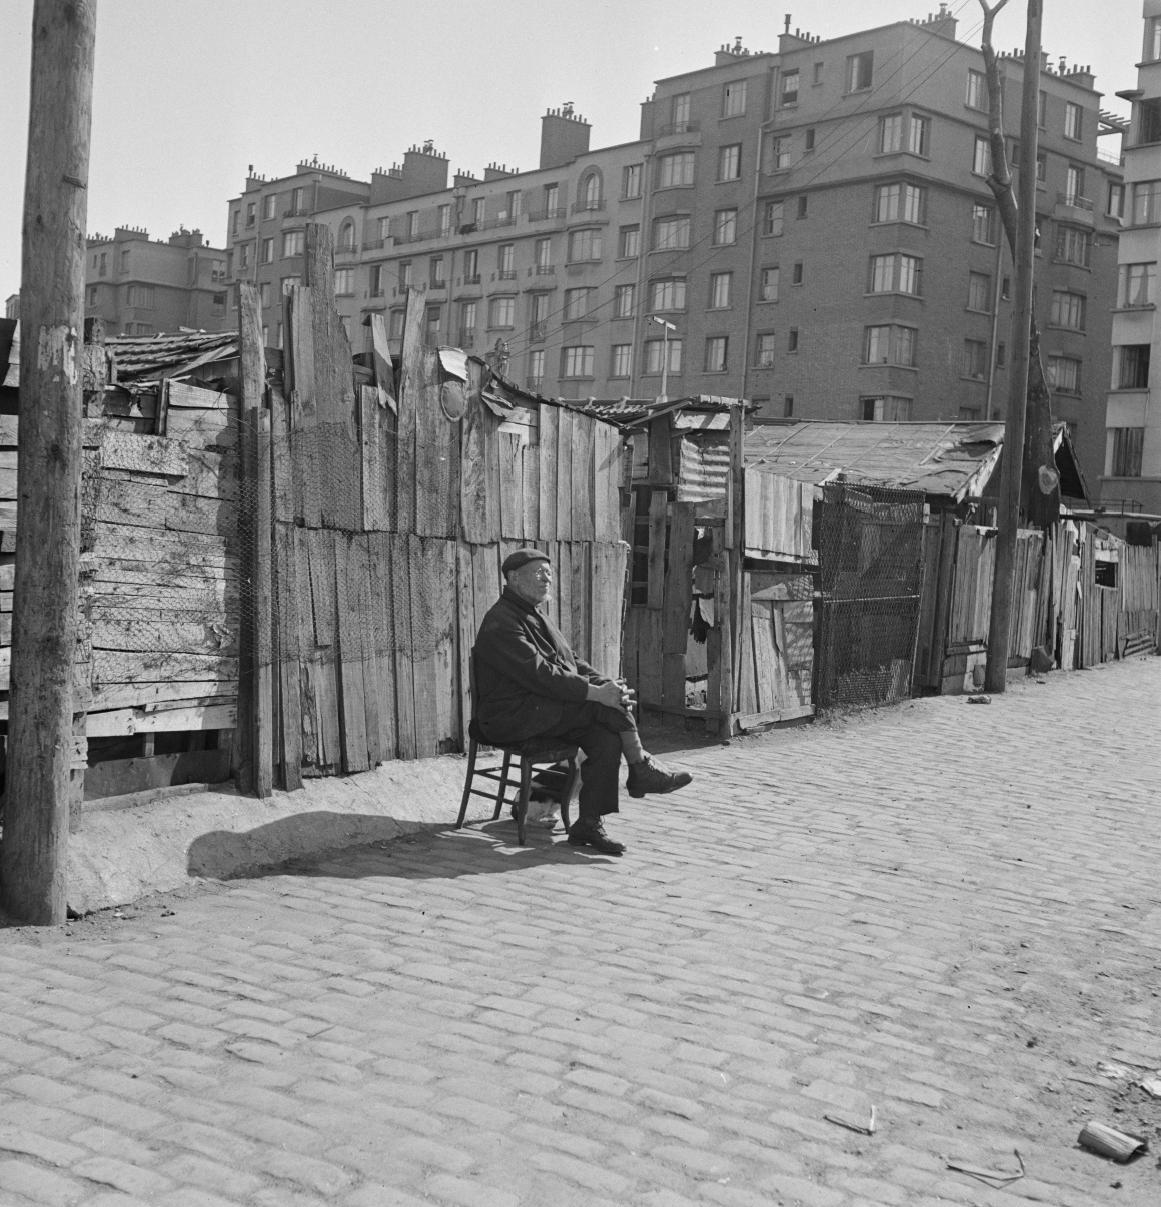 40. Одинокий человек, сидящий на стуле